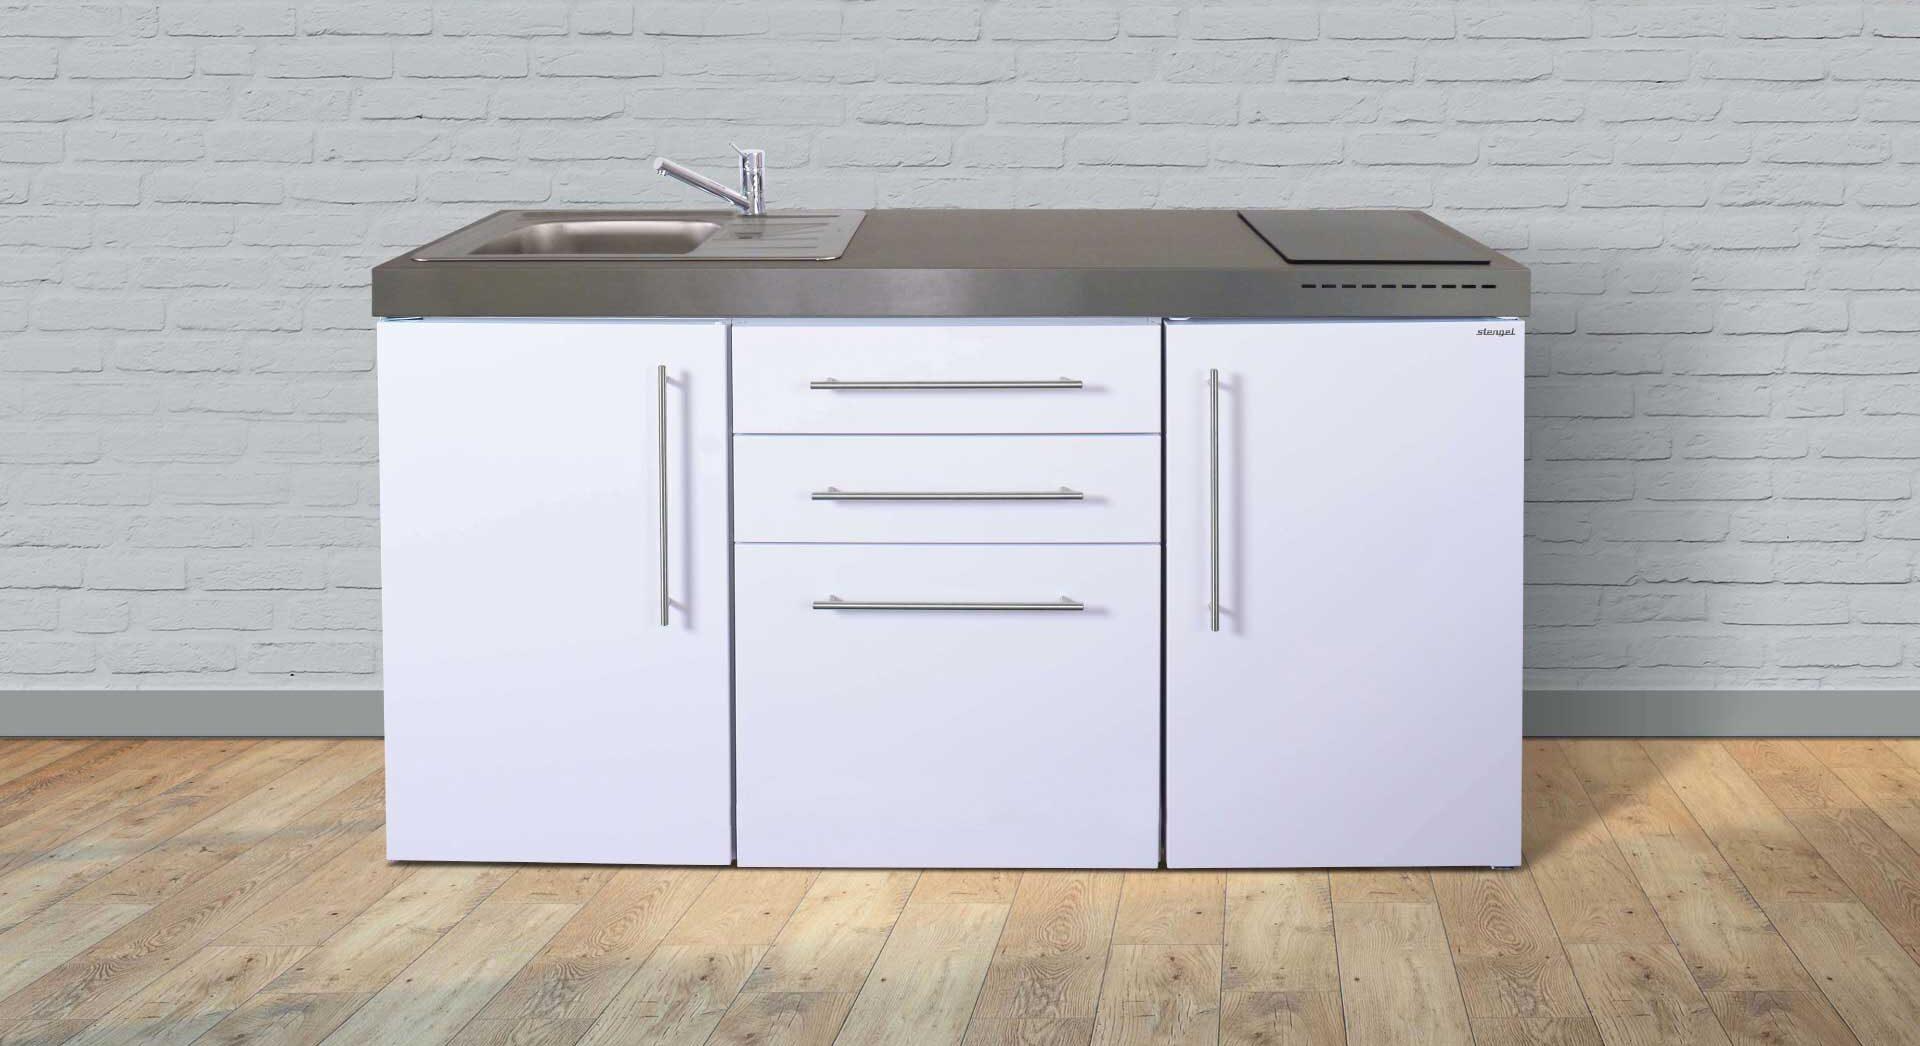 Minikøkken i rustfrit stål MP 160 inkl. hvidevarer - se attraktiv pris/tilbud, produktinfo og tilvalg her. Kontakt Kimbrer Lines på tlf. 25126789 eller info@kimbrerlines.dk